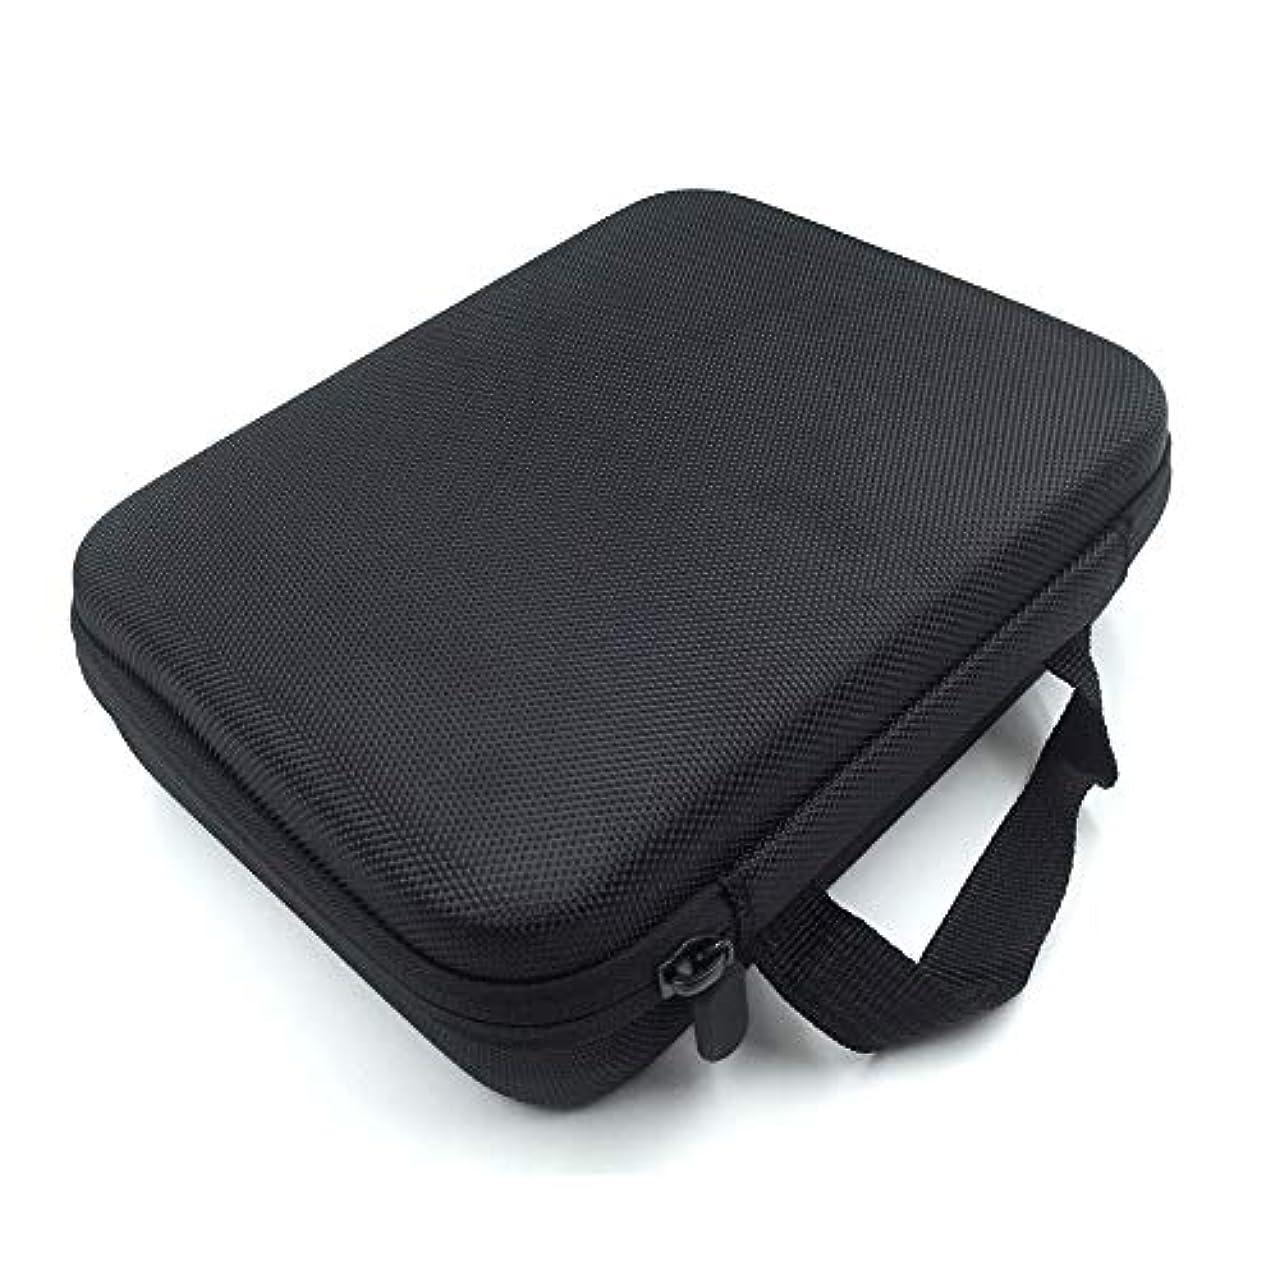 限定保存指定する[RADISSY] アロマポーチ エッセンシャルオイル ケース 収納ボックス メイクポーチ 30本用 (ブラック)